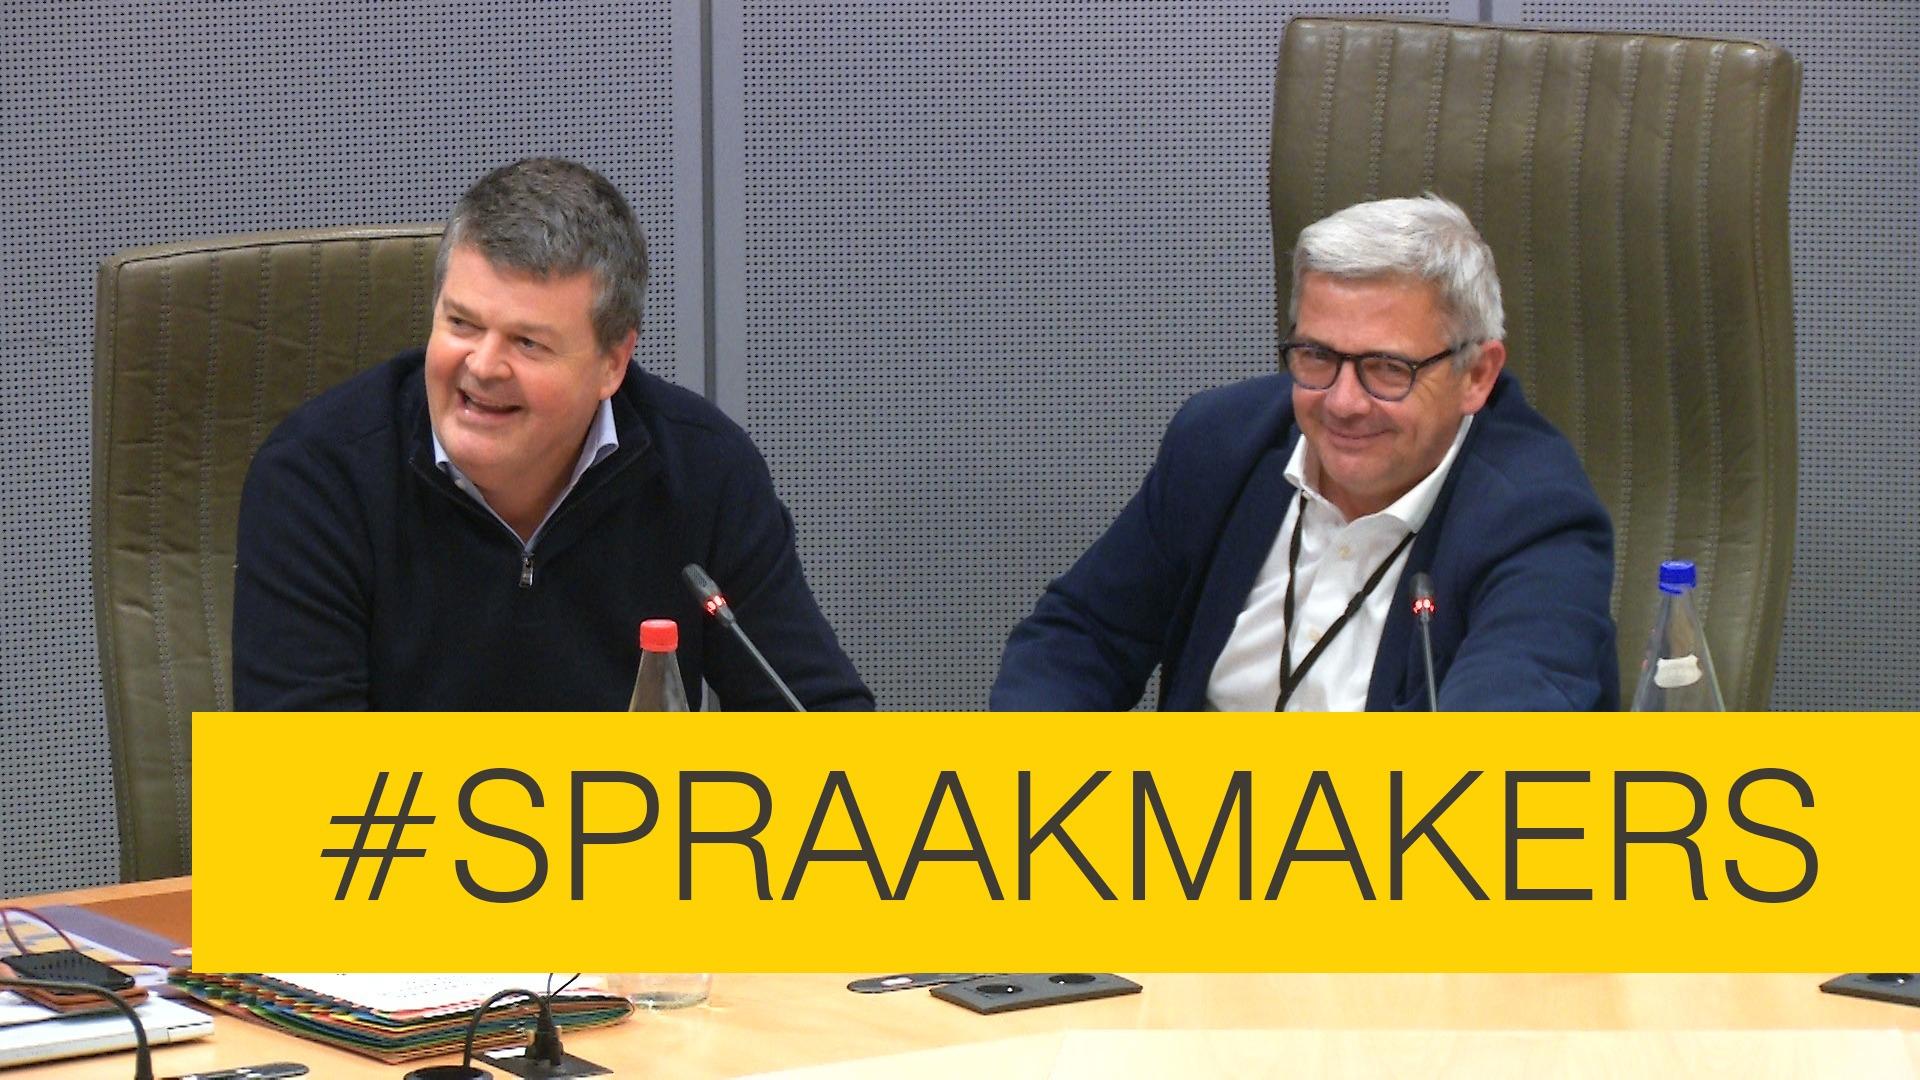 #spraakmakers: 'Ik zie minister Somers al op een wagen staan op de pride' - Kris Van Dijck (N-VA)